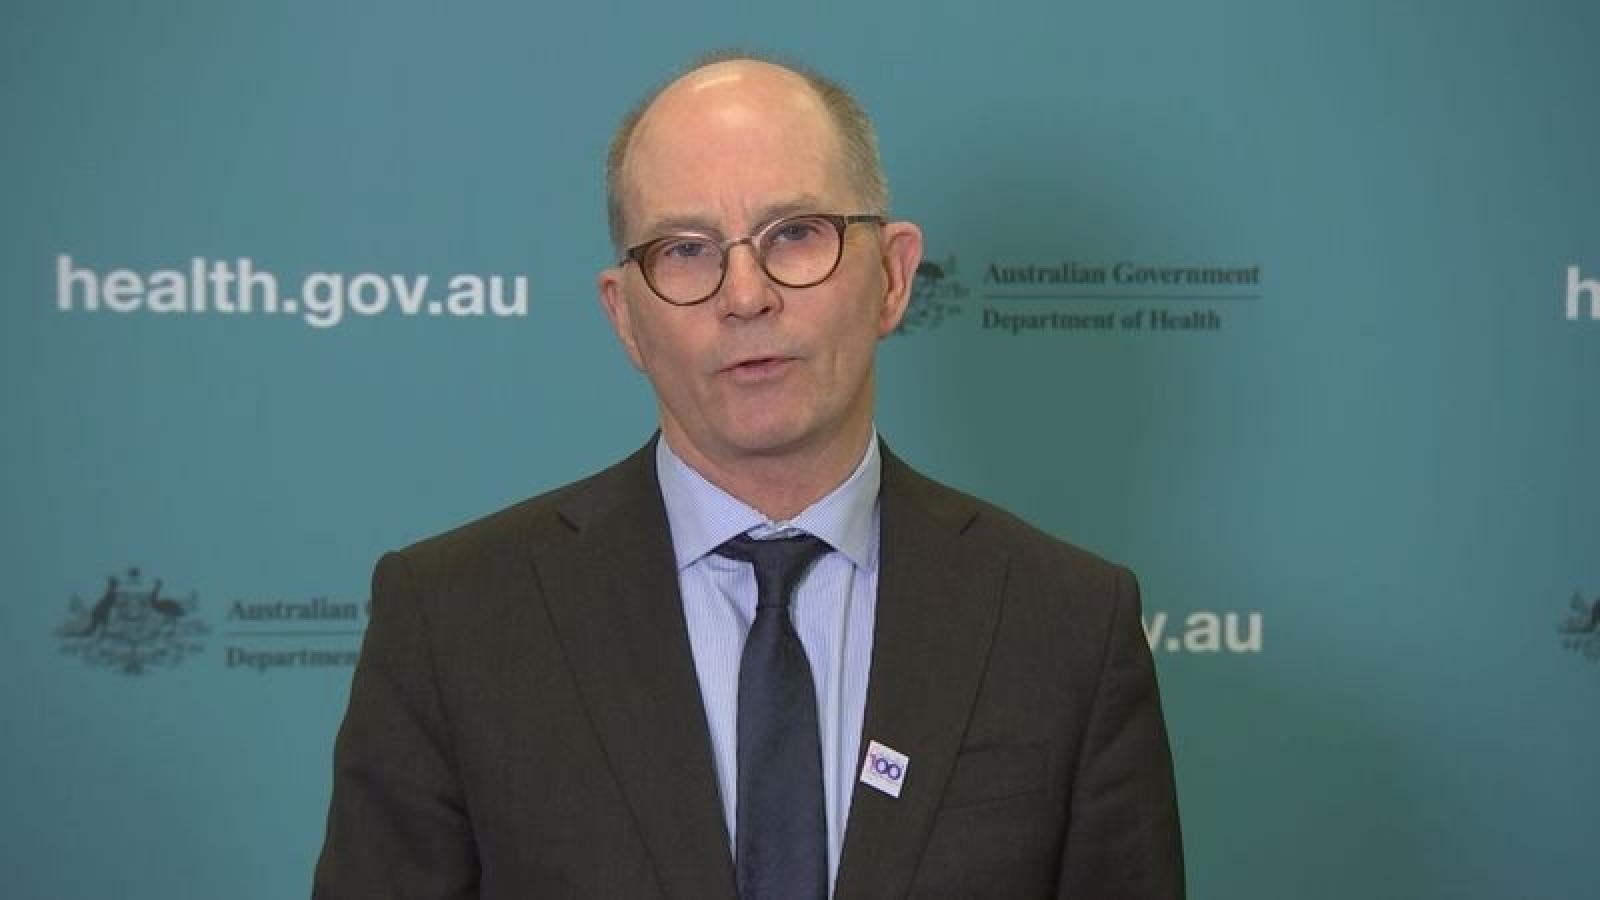 Người dân Australia có thể được tặng xổ số và phiếu giảm giá khi tiêm vaccine Covid-19